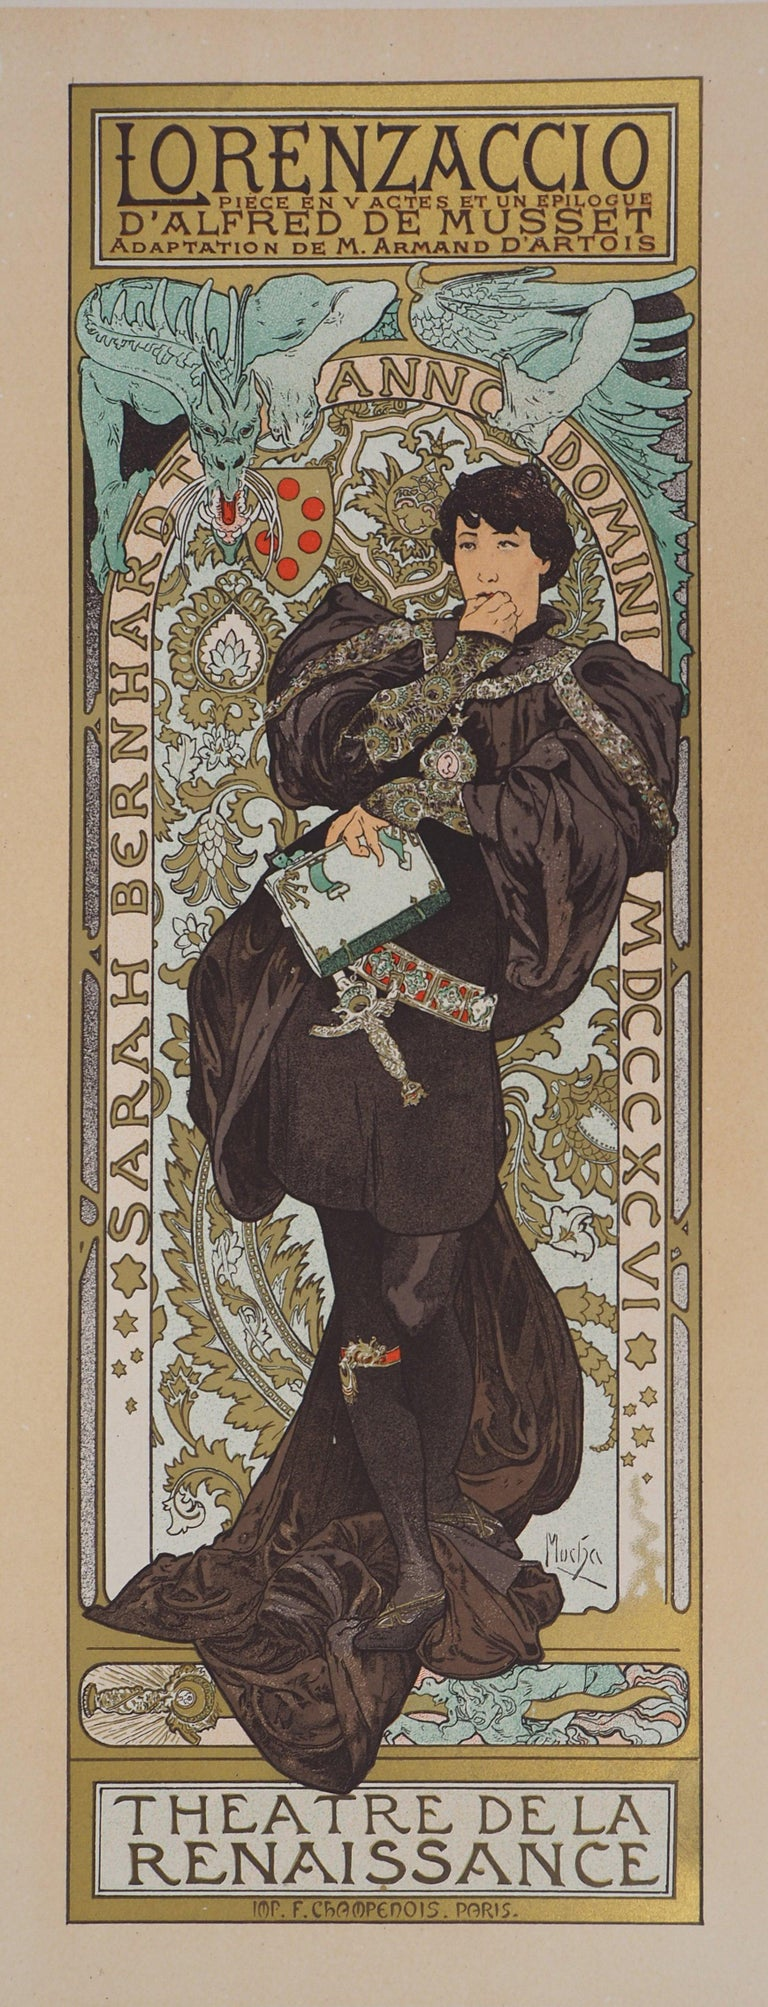 Alphonse Mucha Figurative Print - Lorenzaccio (Sarah Bernhardt) - Lithograph (Les Maîtres de l'Affiche), 1897